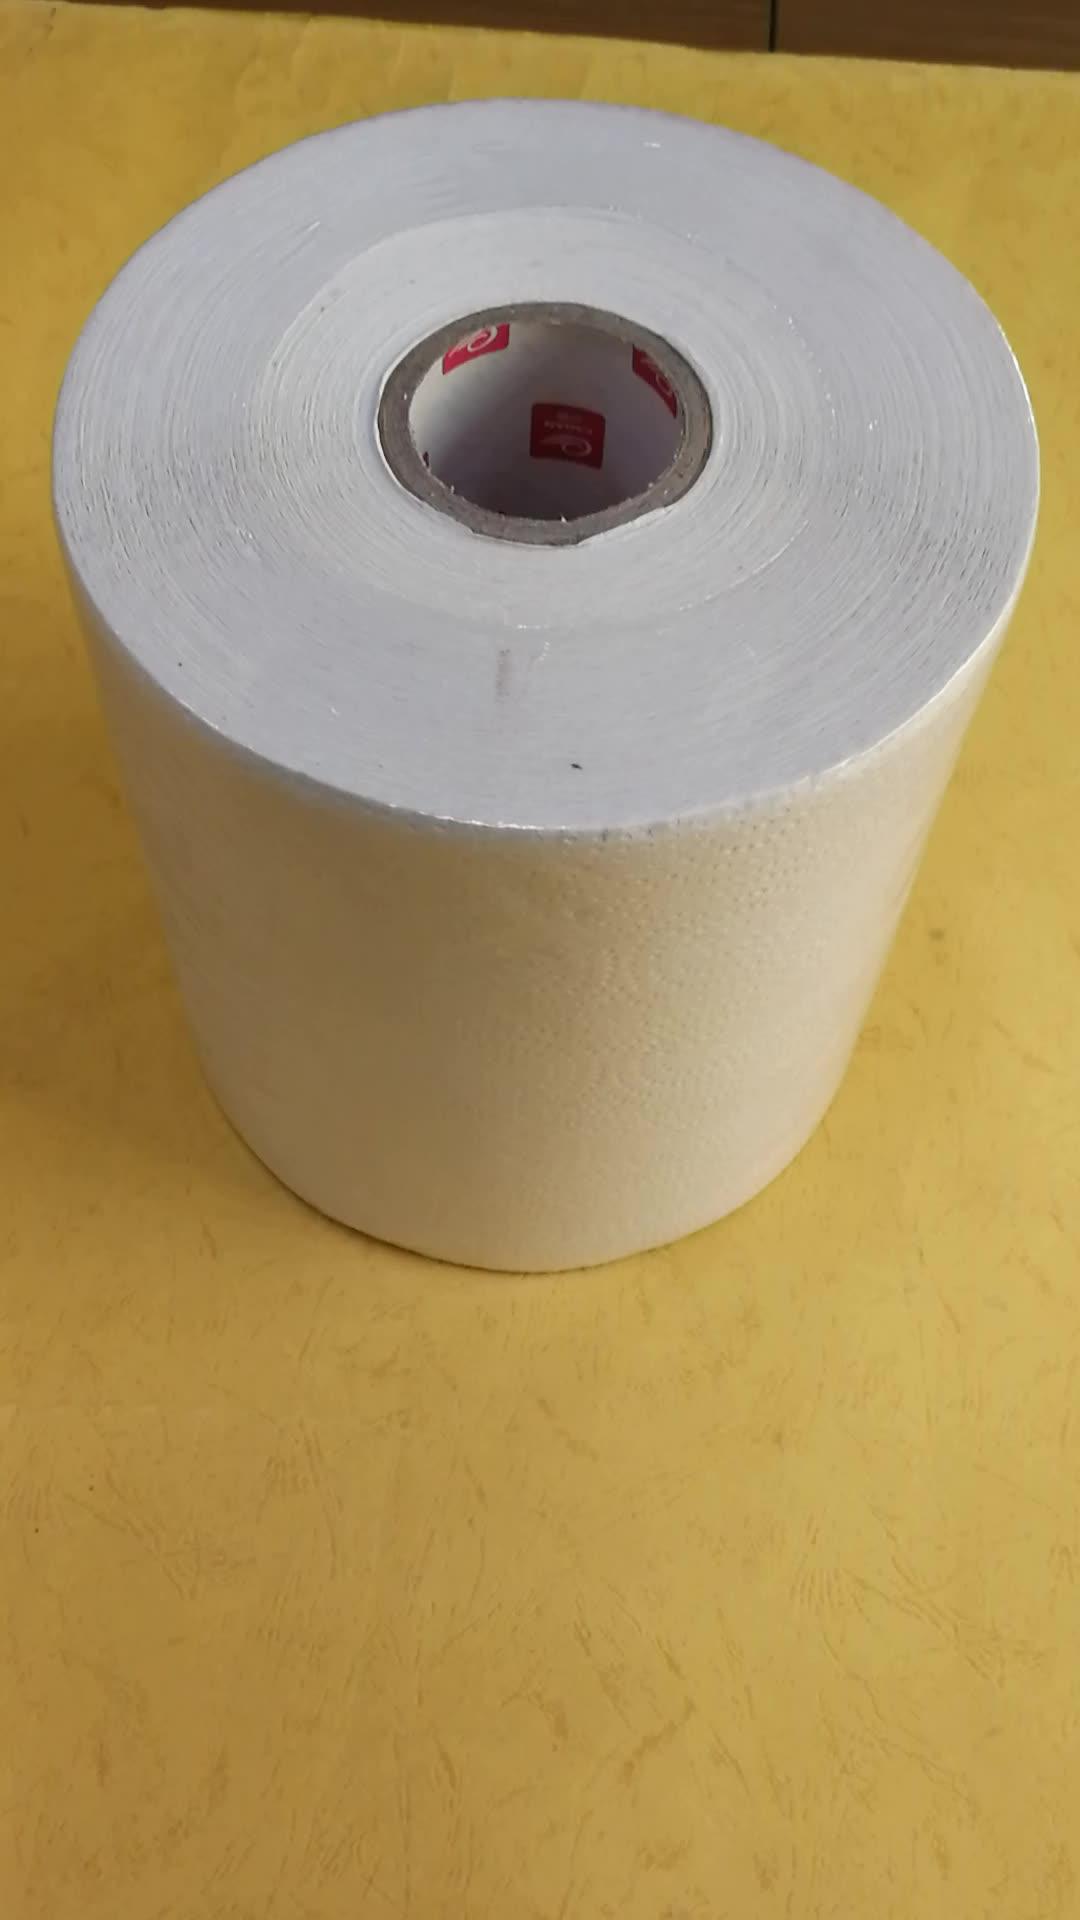 ศูนย์อาหารดึงมือม้วนกระดาษม้วนผ้าขนหนูขายส่ง